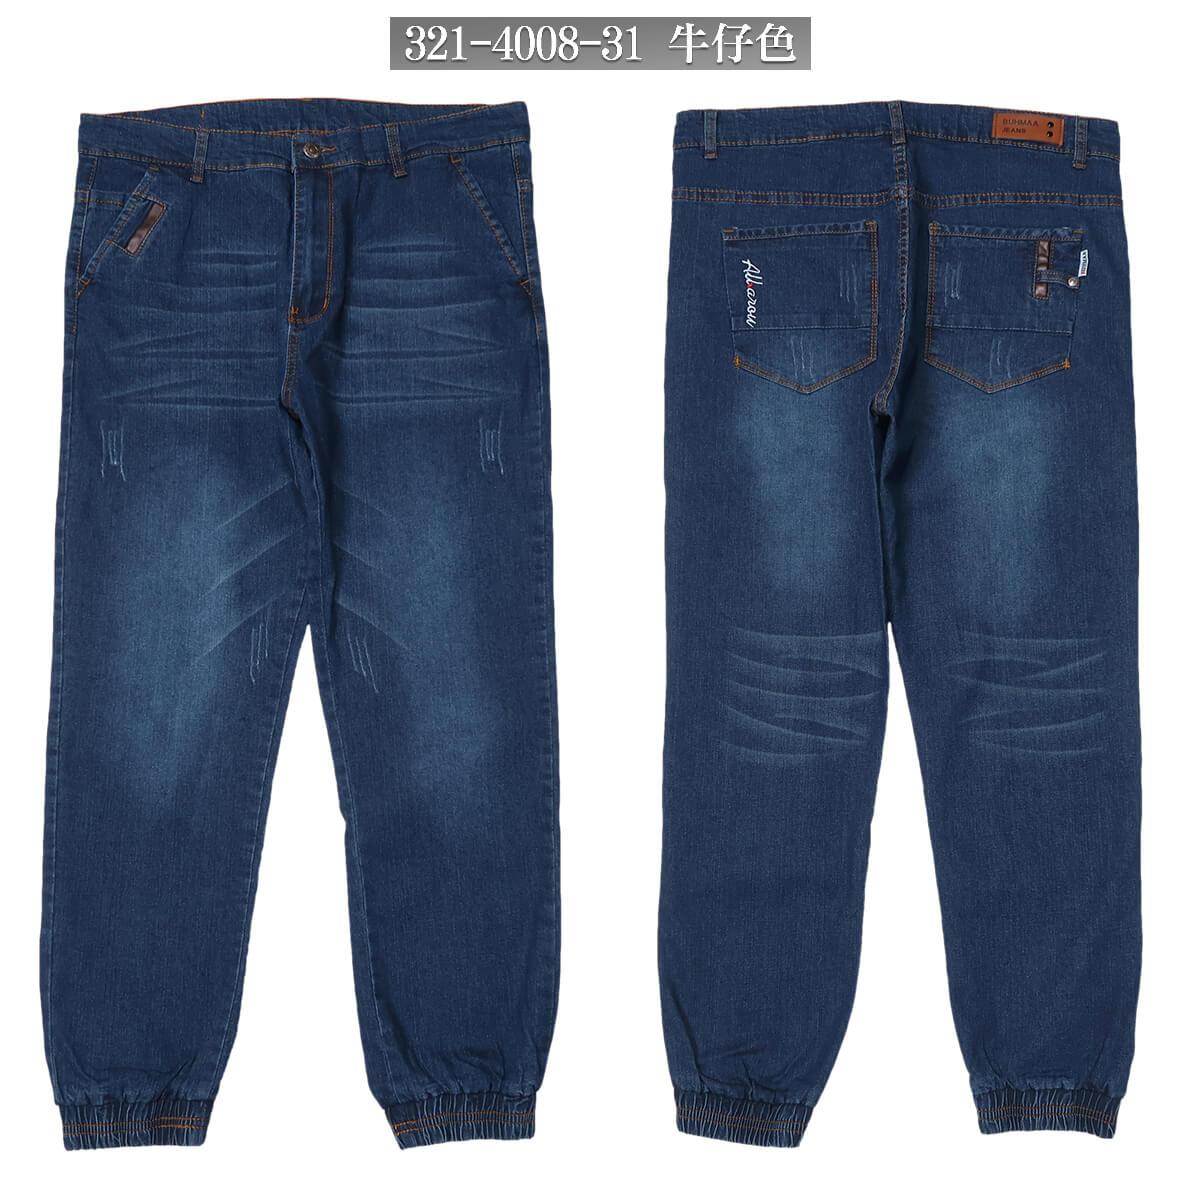 牛仔Jogger Pants 微加大牛仔縮口褲 丹寧束口褲 顯瘦牛仔褲 鬆緊褲管慢跑褲 縮腳褲 束腳褲 牛仔長褲 Men's Joggers Men's Pants Jogger Jeans Deni